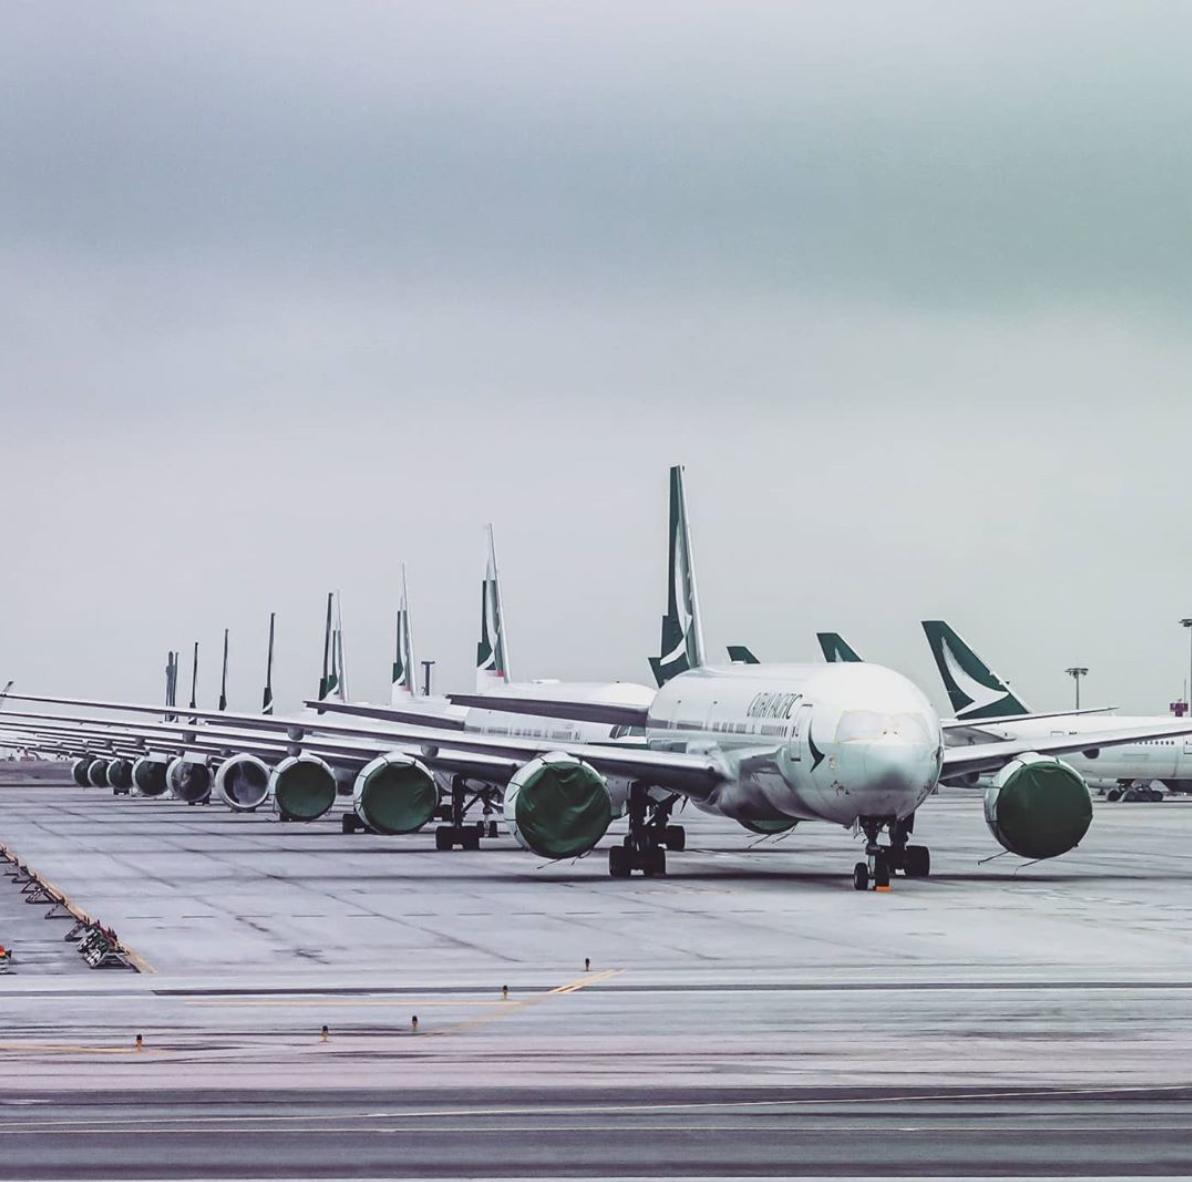 Szkolenie lotnicze w dobie pandemii